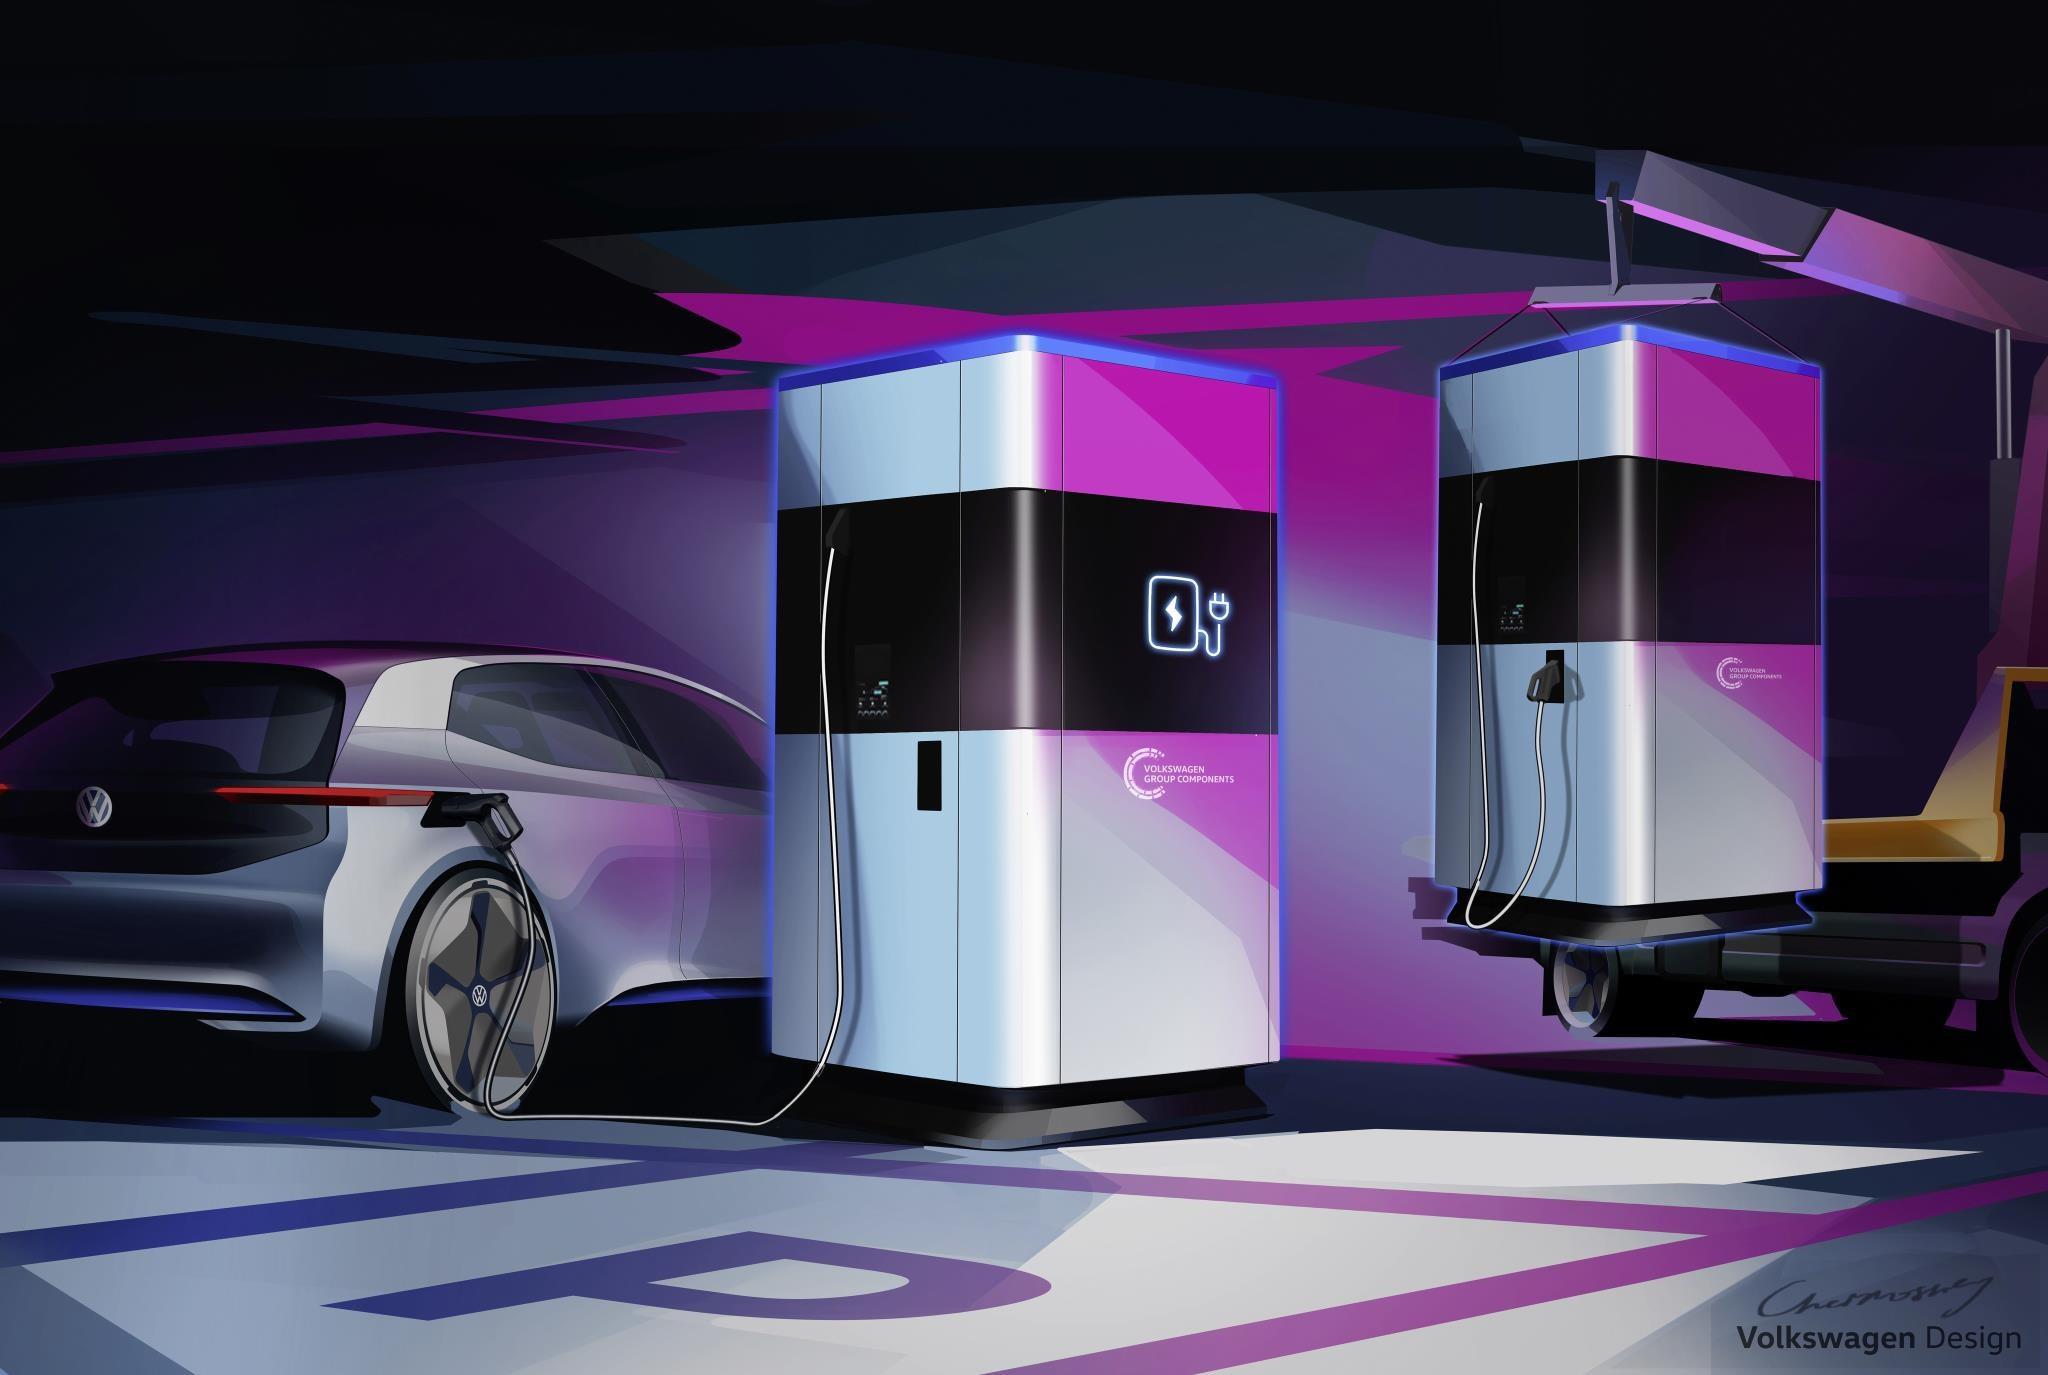 フォルクスワーゲン、自動車用の移動可能な急速充電の実証実験を2019年に開始